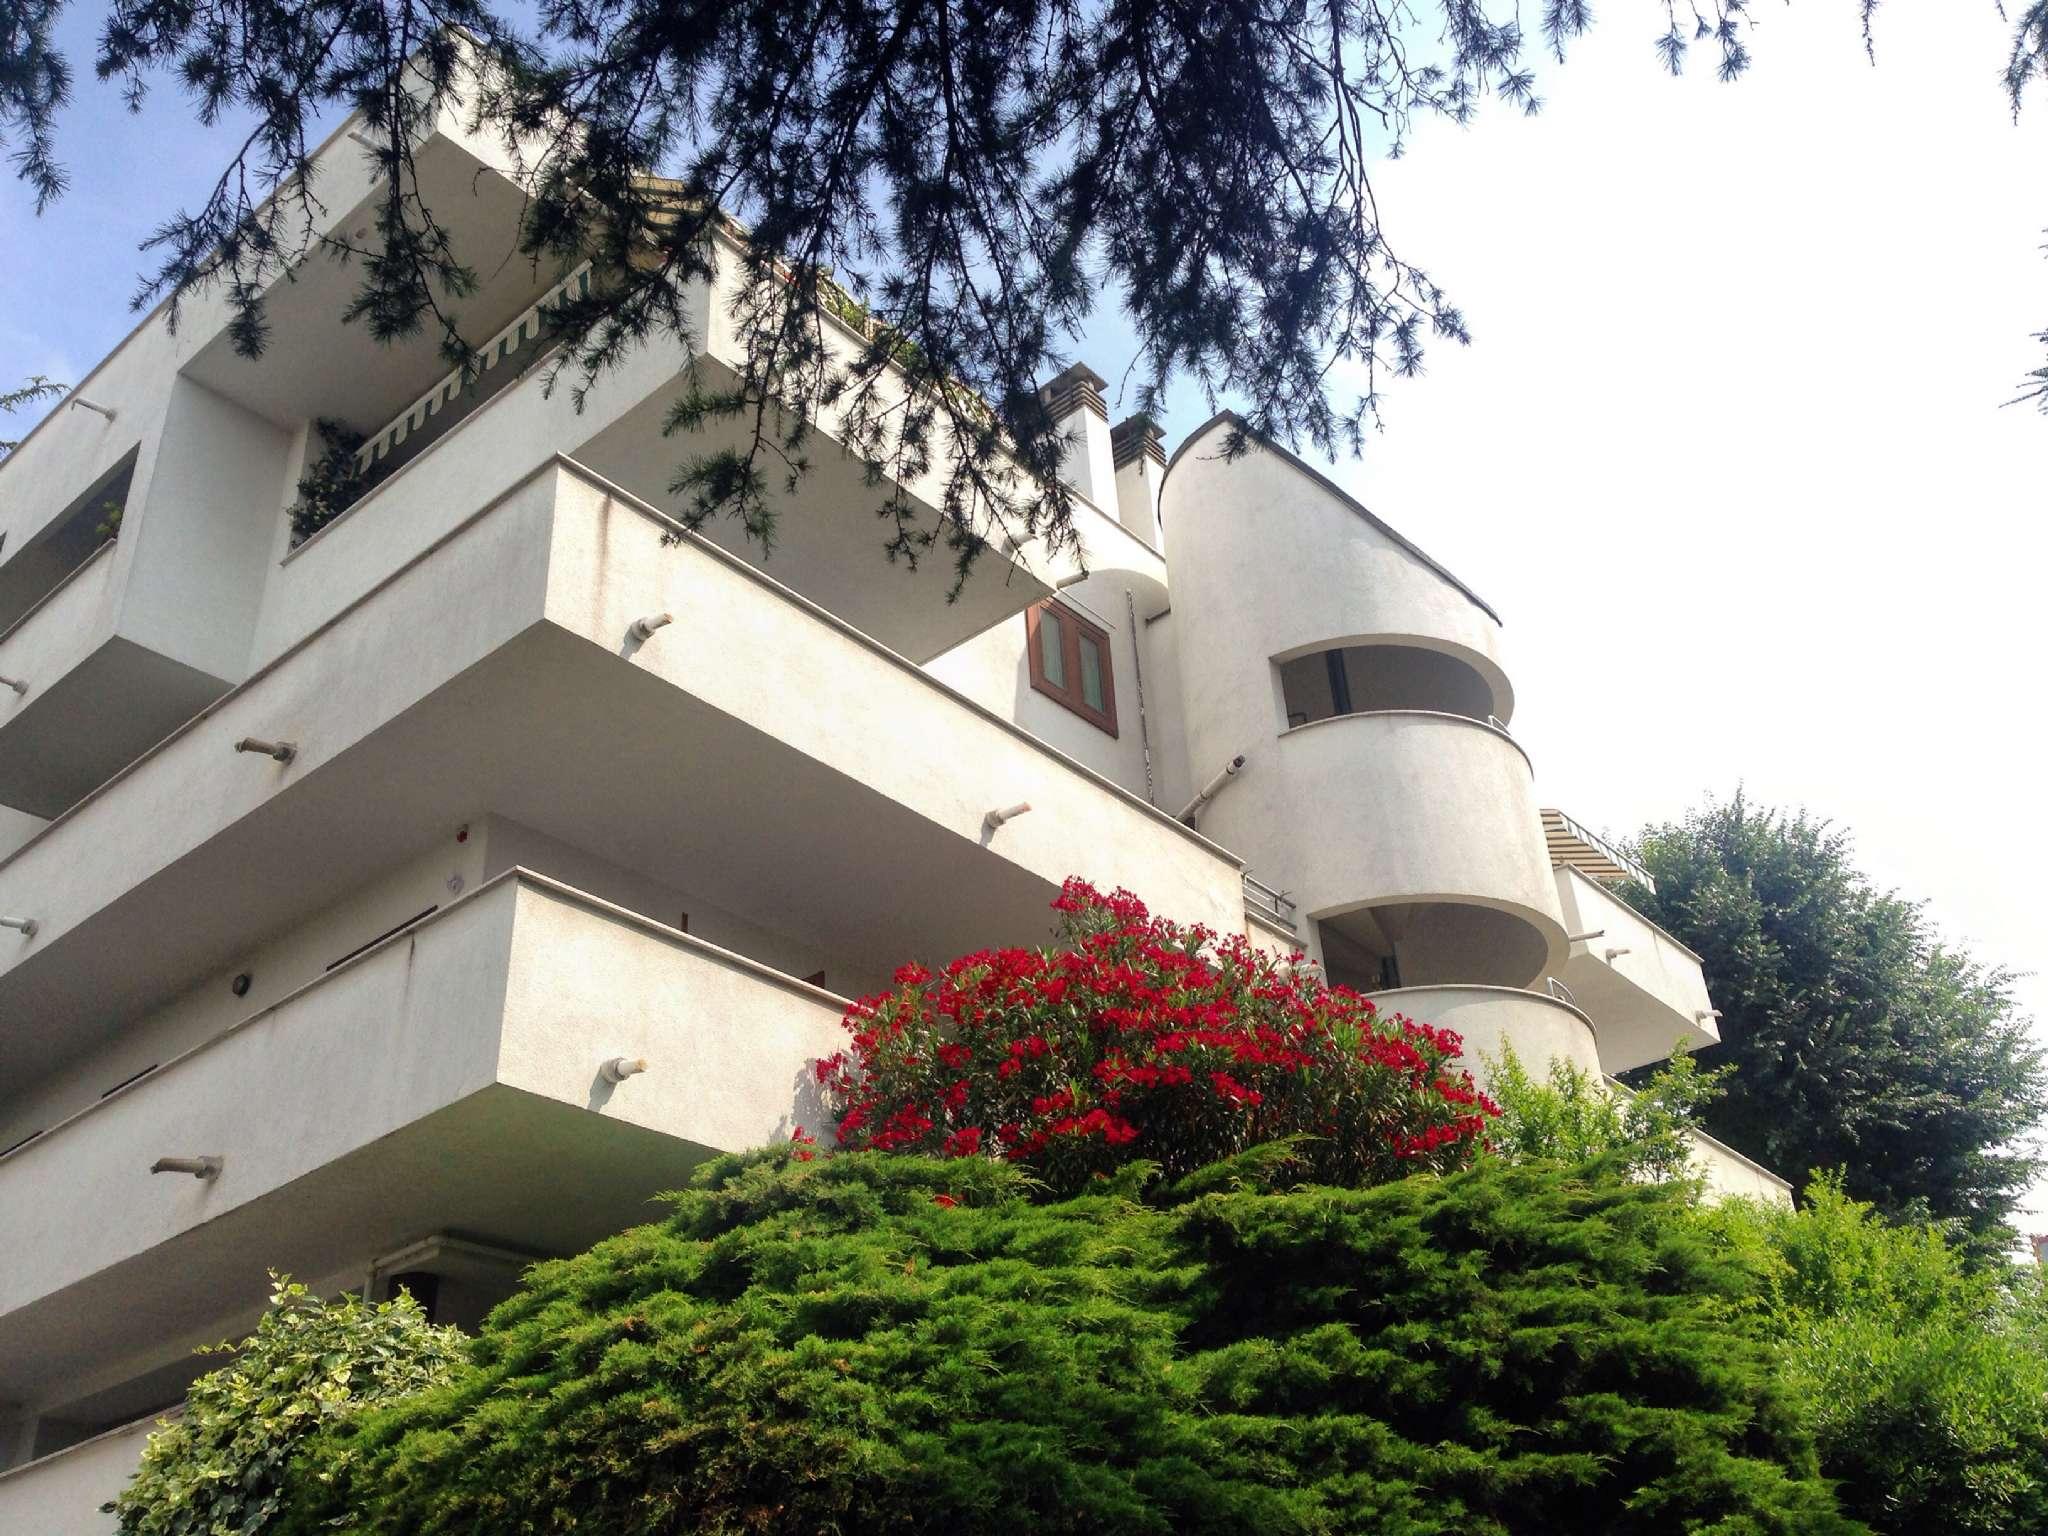 Appartamento in vendita a Trieste, 4 locali, prezzo € 400.000   CambioCasa.it